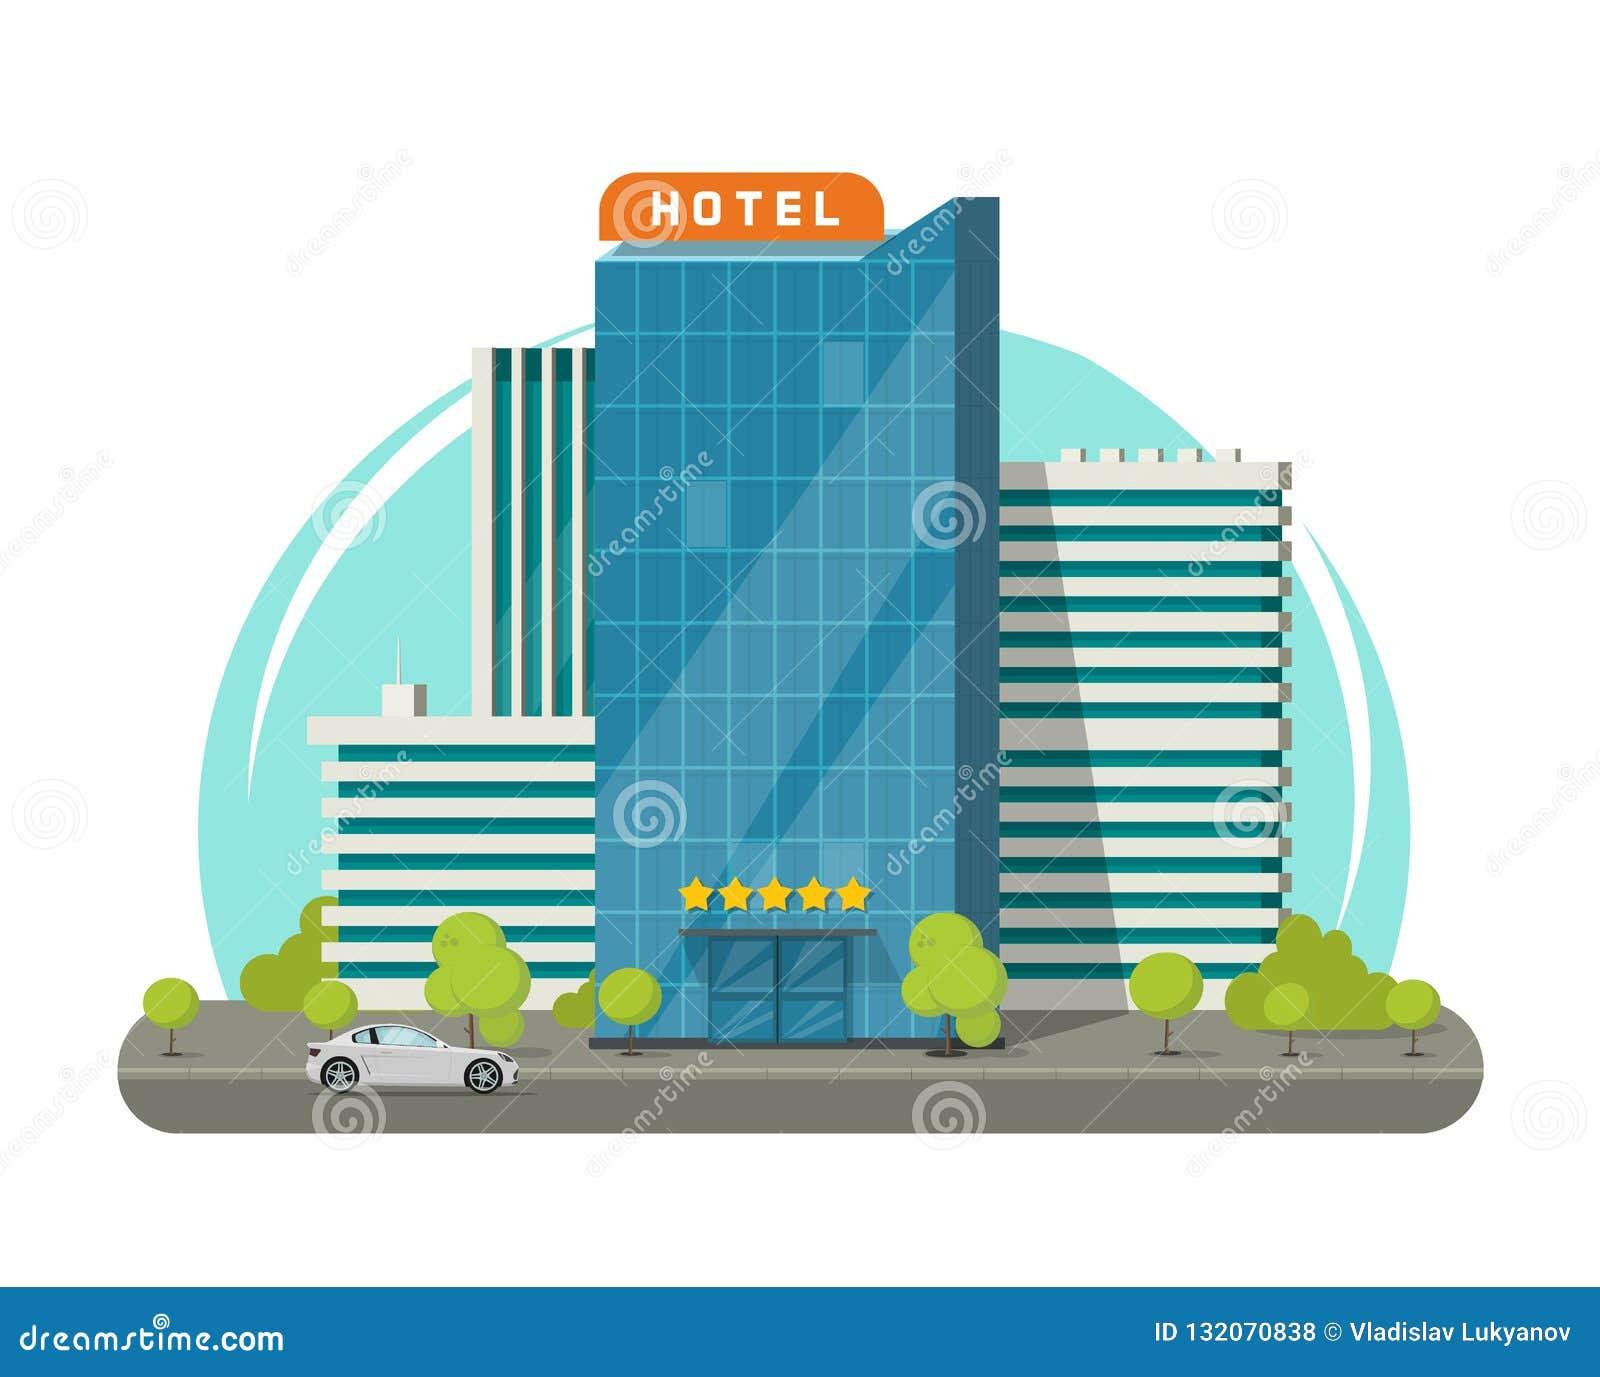 Hotel isolado na ilustração do vetor da rua da cidade, construção moderna lisa do hotel do arranha-céus perto da estrada